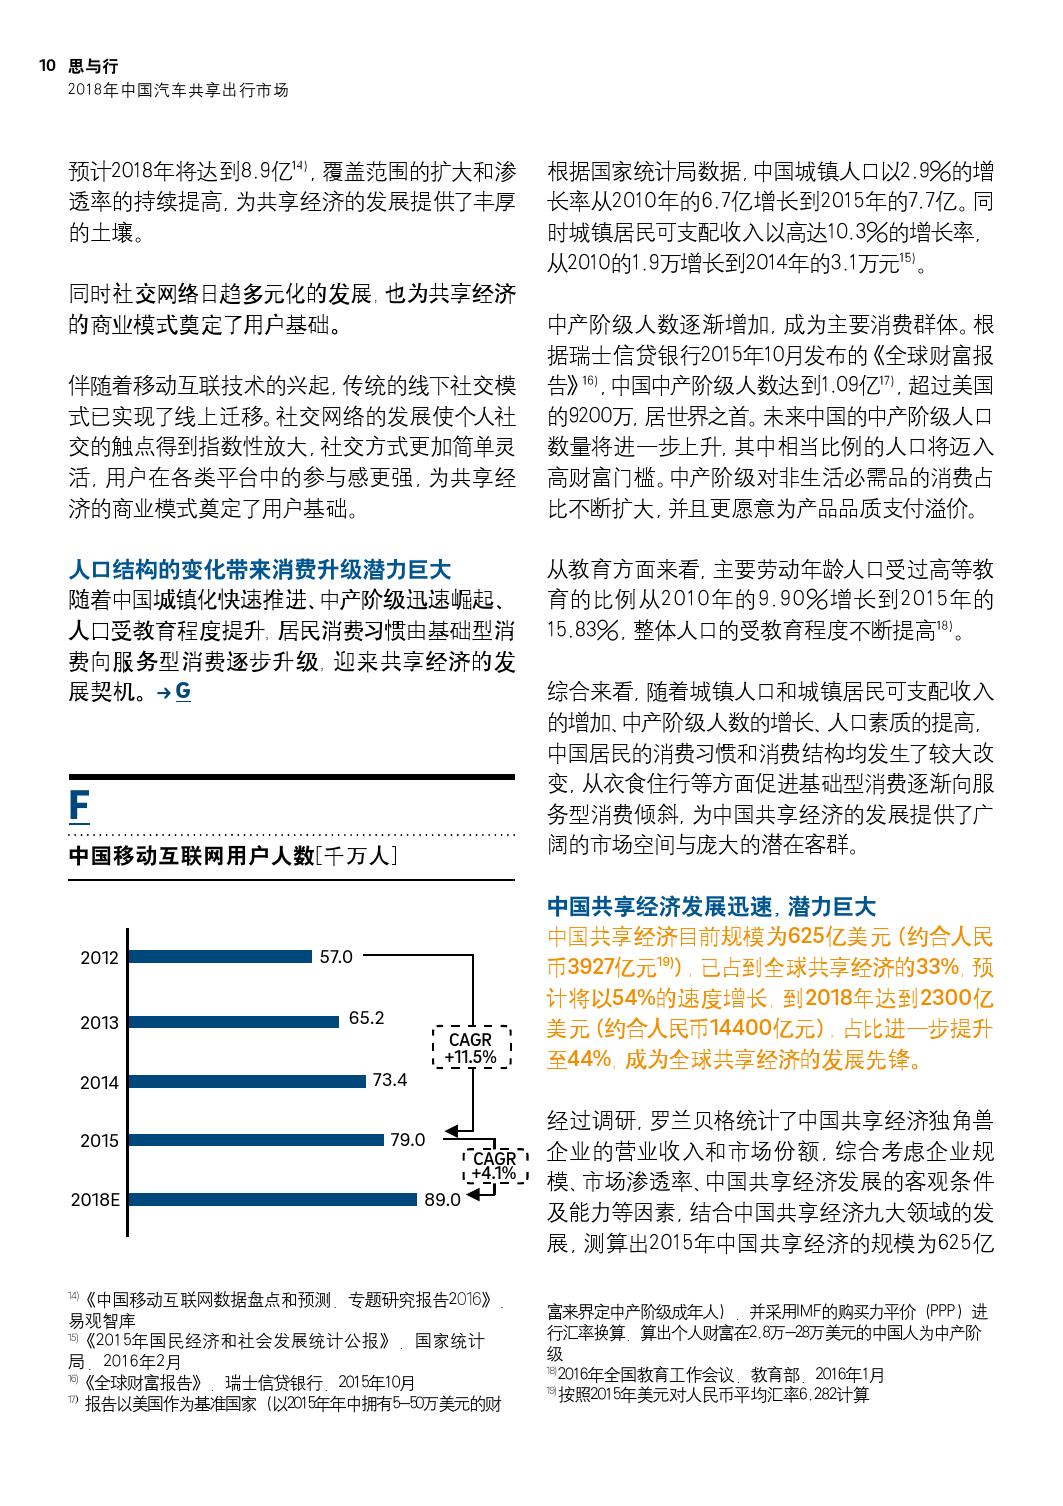 2018年中国汽车共享出行市场分析预测报告_000010